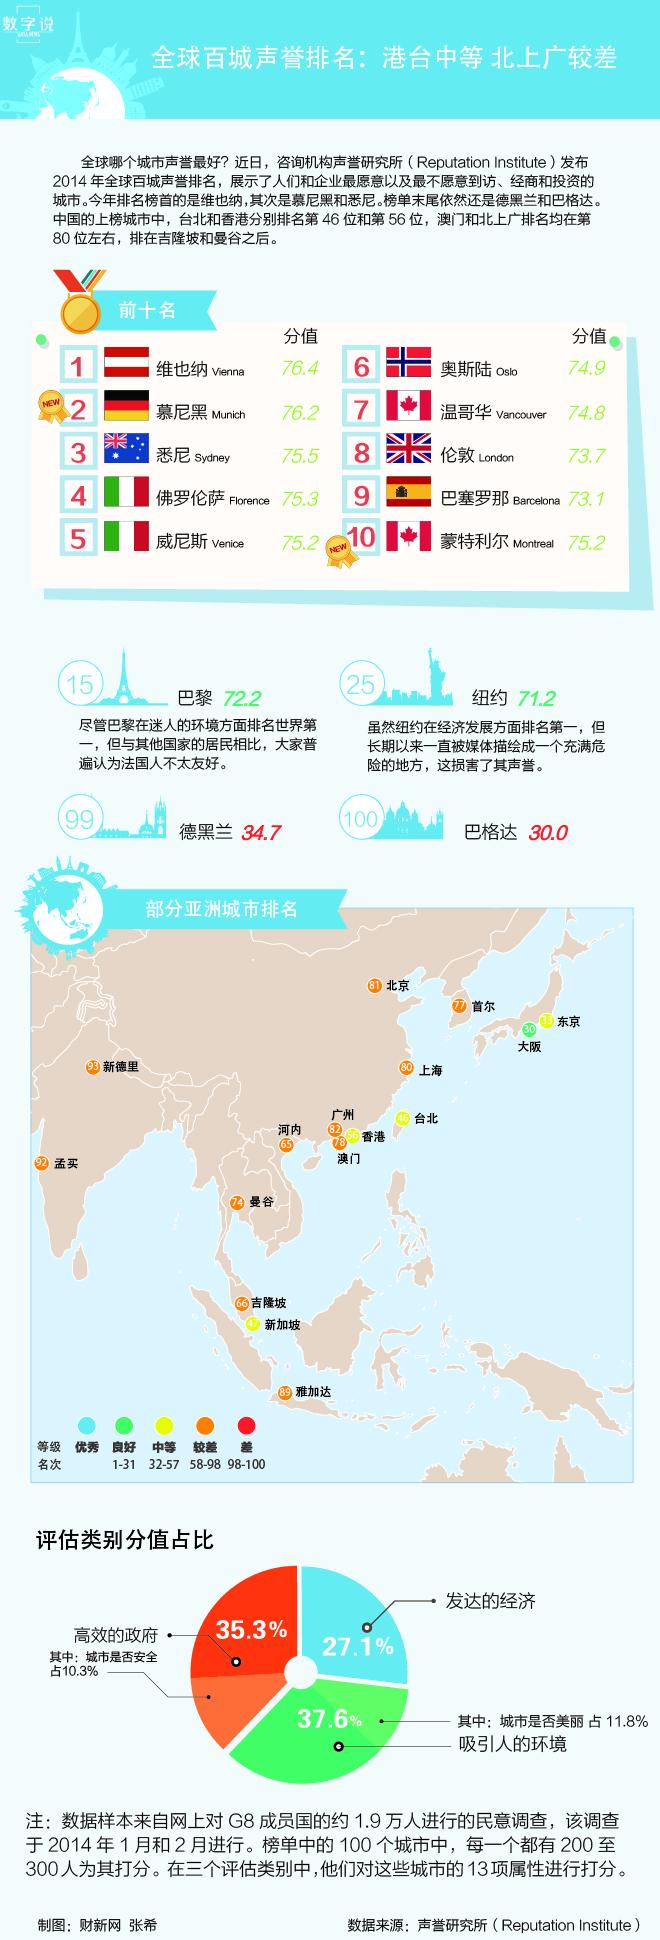 全球百城声誉排名:港台中等 北上广较差 - 这算够正能量了吧 - 通明 - 通天之德